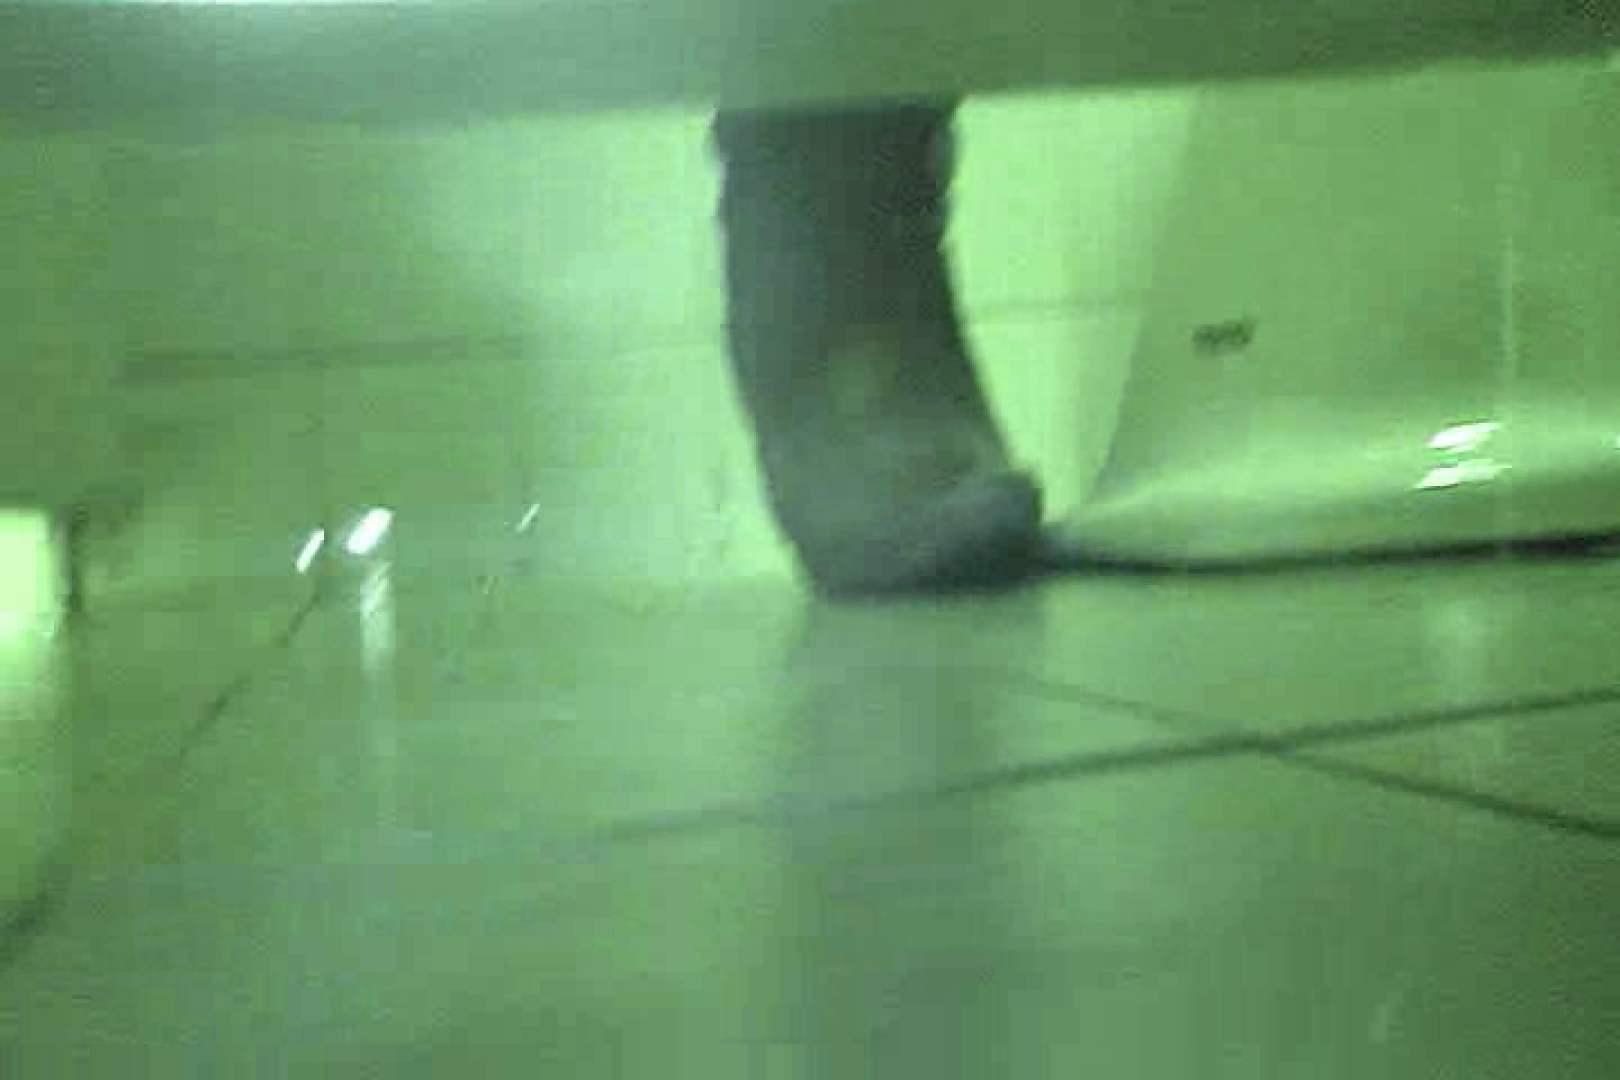 マンコ丸見え女子洗面所Vol.9 OLエロ画像 覗き性交動画流出 30PICs 17